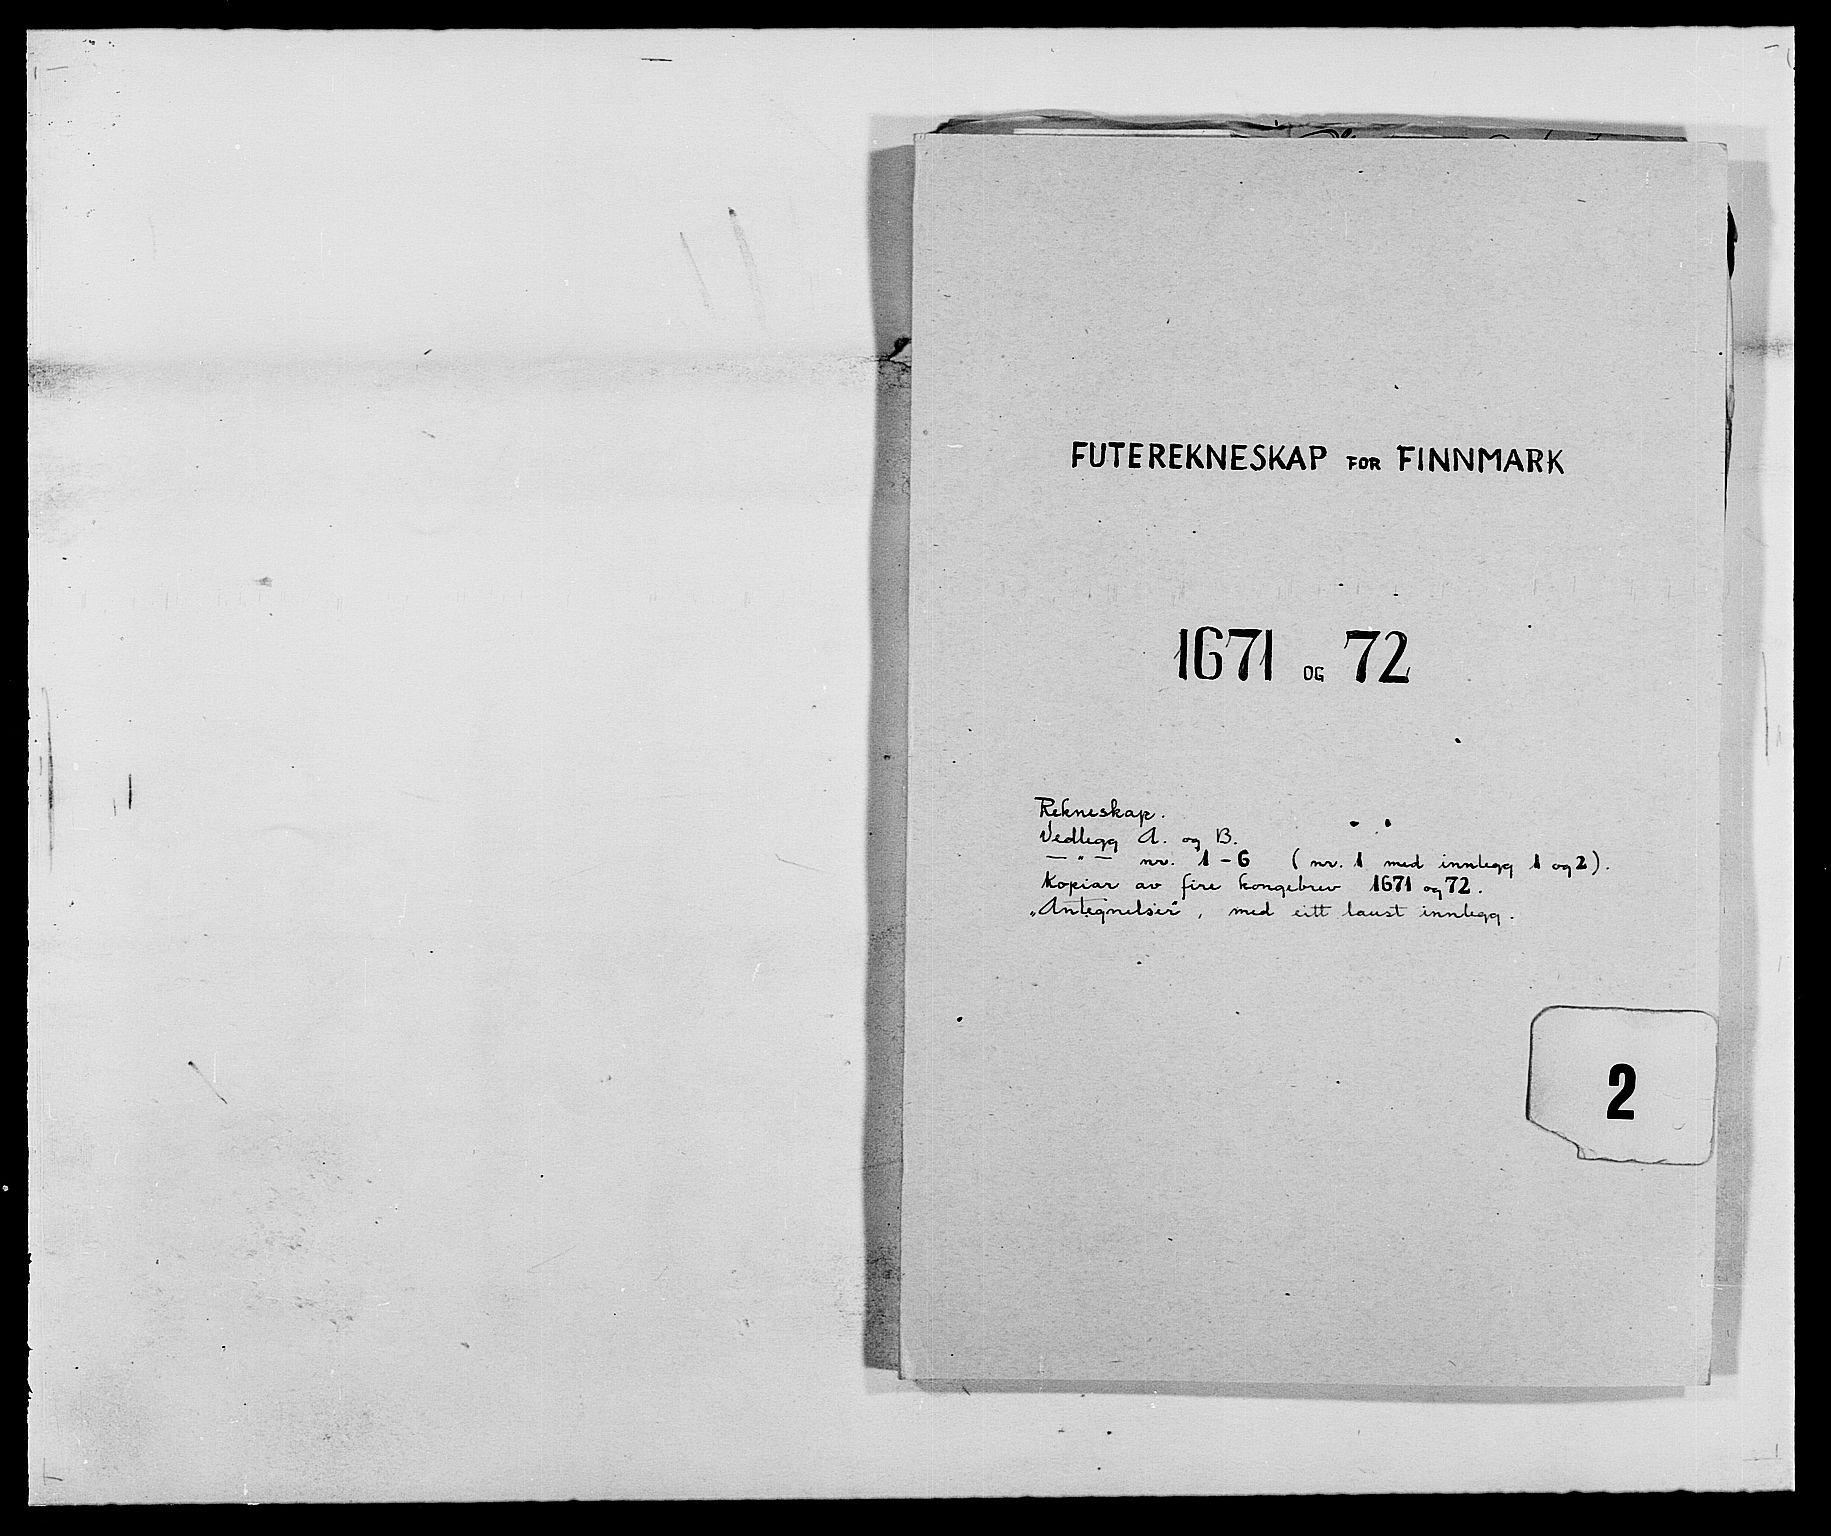 RA, Rentekammeret inntil 1814, Reviderte regnskaper, Fogderegnskap, R69/L4849: Fogderegnskap Finnmark/Vardøhus, 1661-1679, s. 221